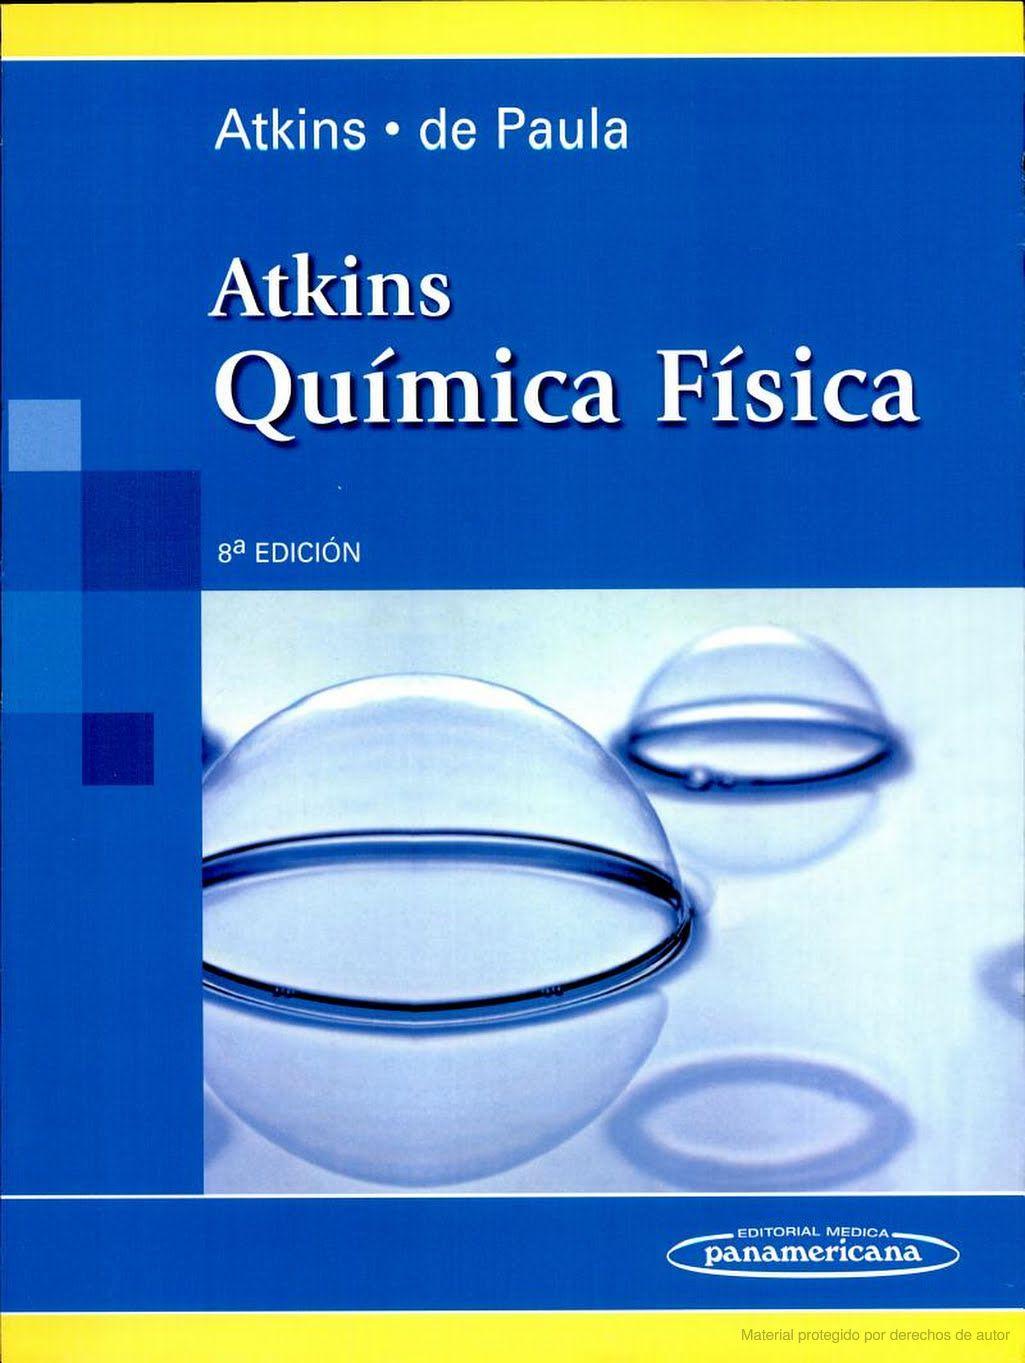 Capítulos 2 3 Y 4 Atkins De Paula Química Física 8ª Ed Editorial Médica Panamericana 2006 Quimica Fisica Química Fisicoquimica